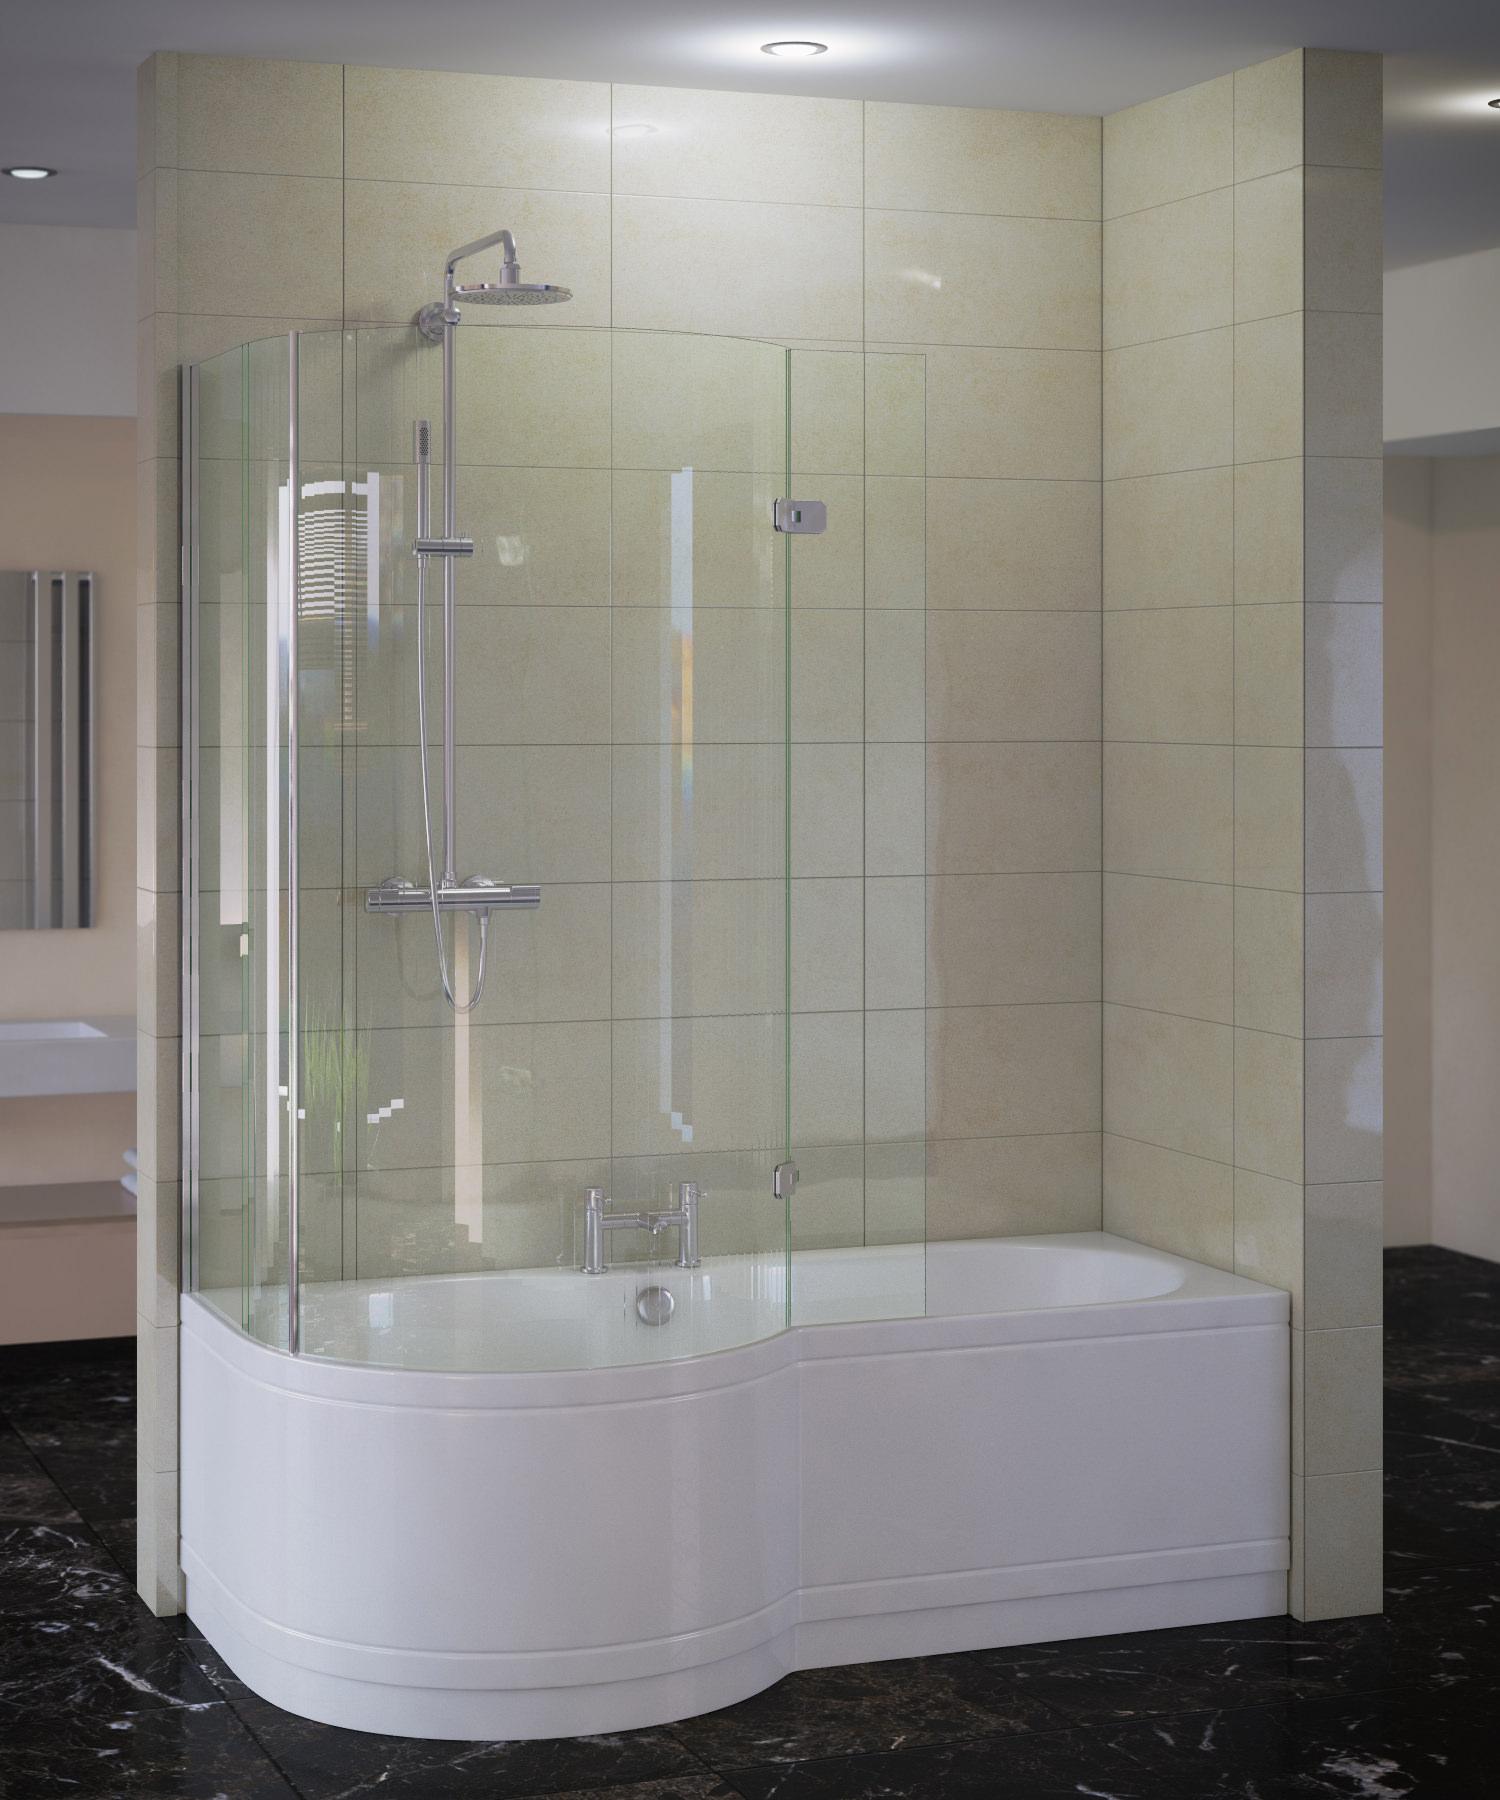 bette cora ronda comfort corner super steel bath 1700 x kaldewei ambiente vaio set star 945 steel shower bath 1700